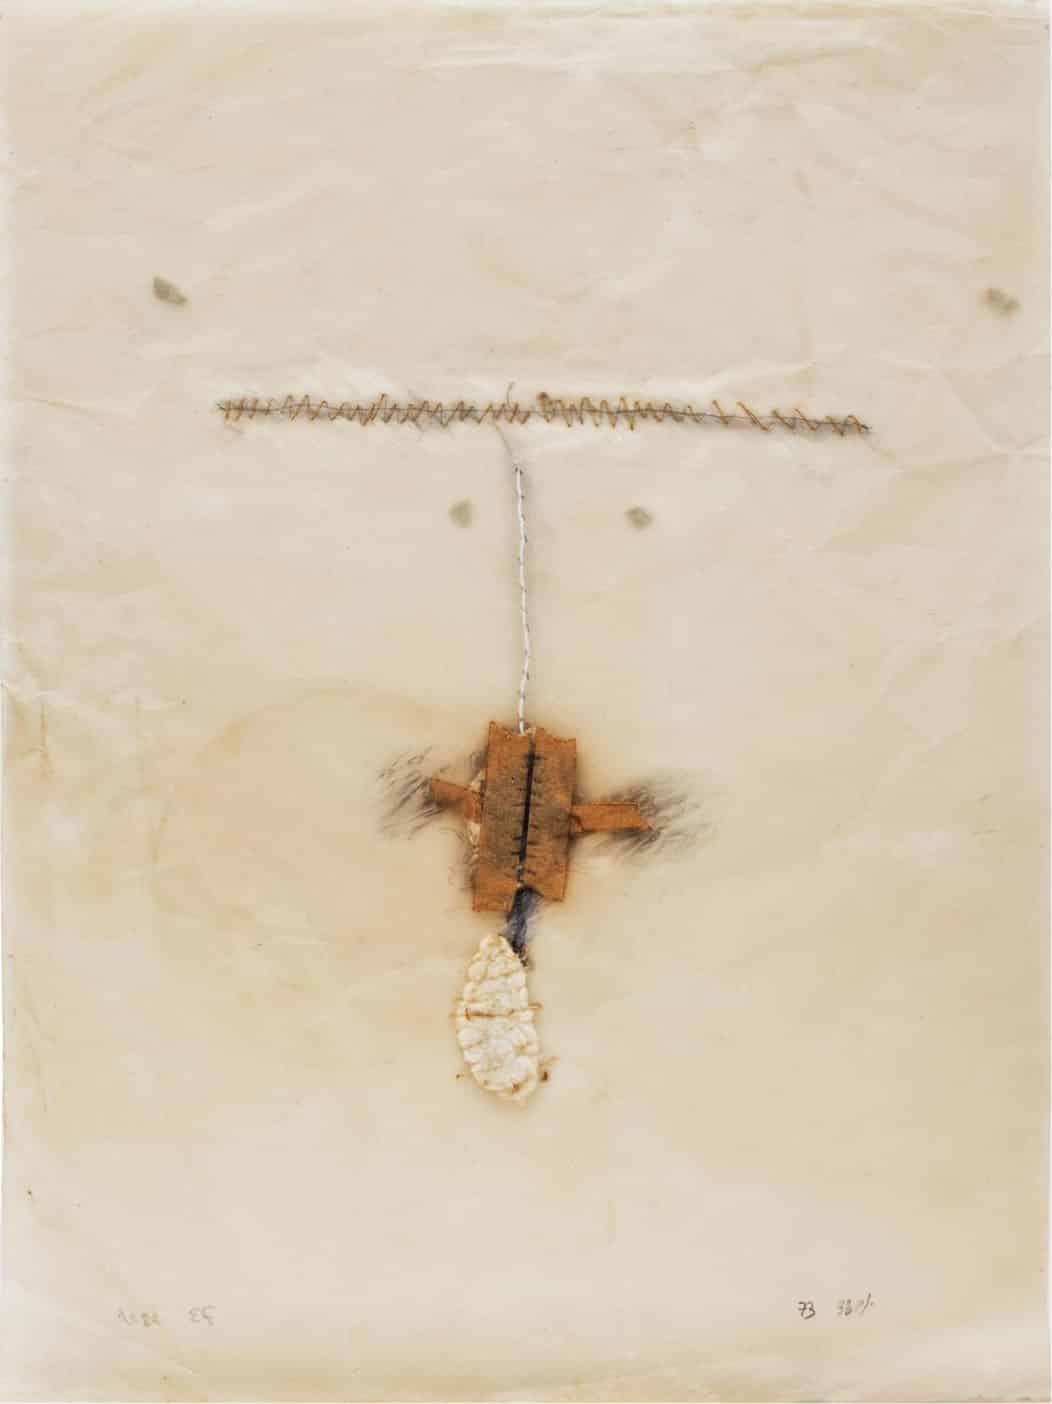 """יוכבד ויינפלד, 1973, טכניקה מעורבת על נייר העתקה, 50x70 ס""""מ"""